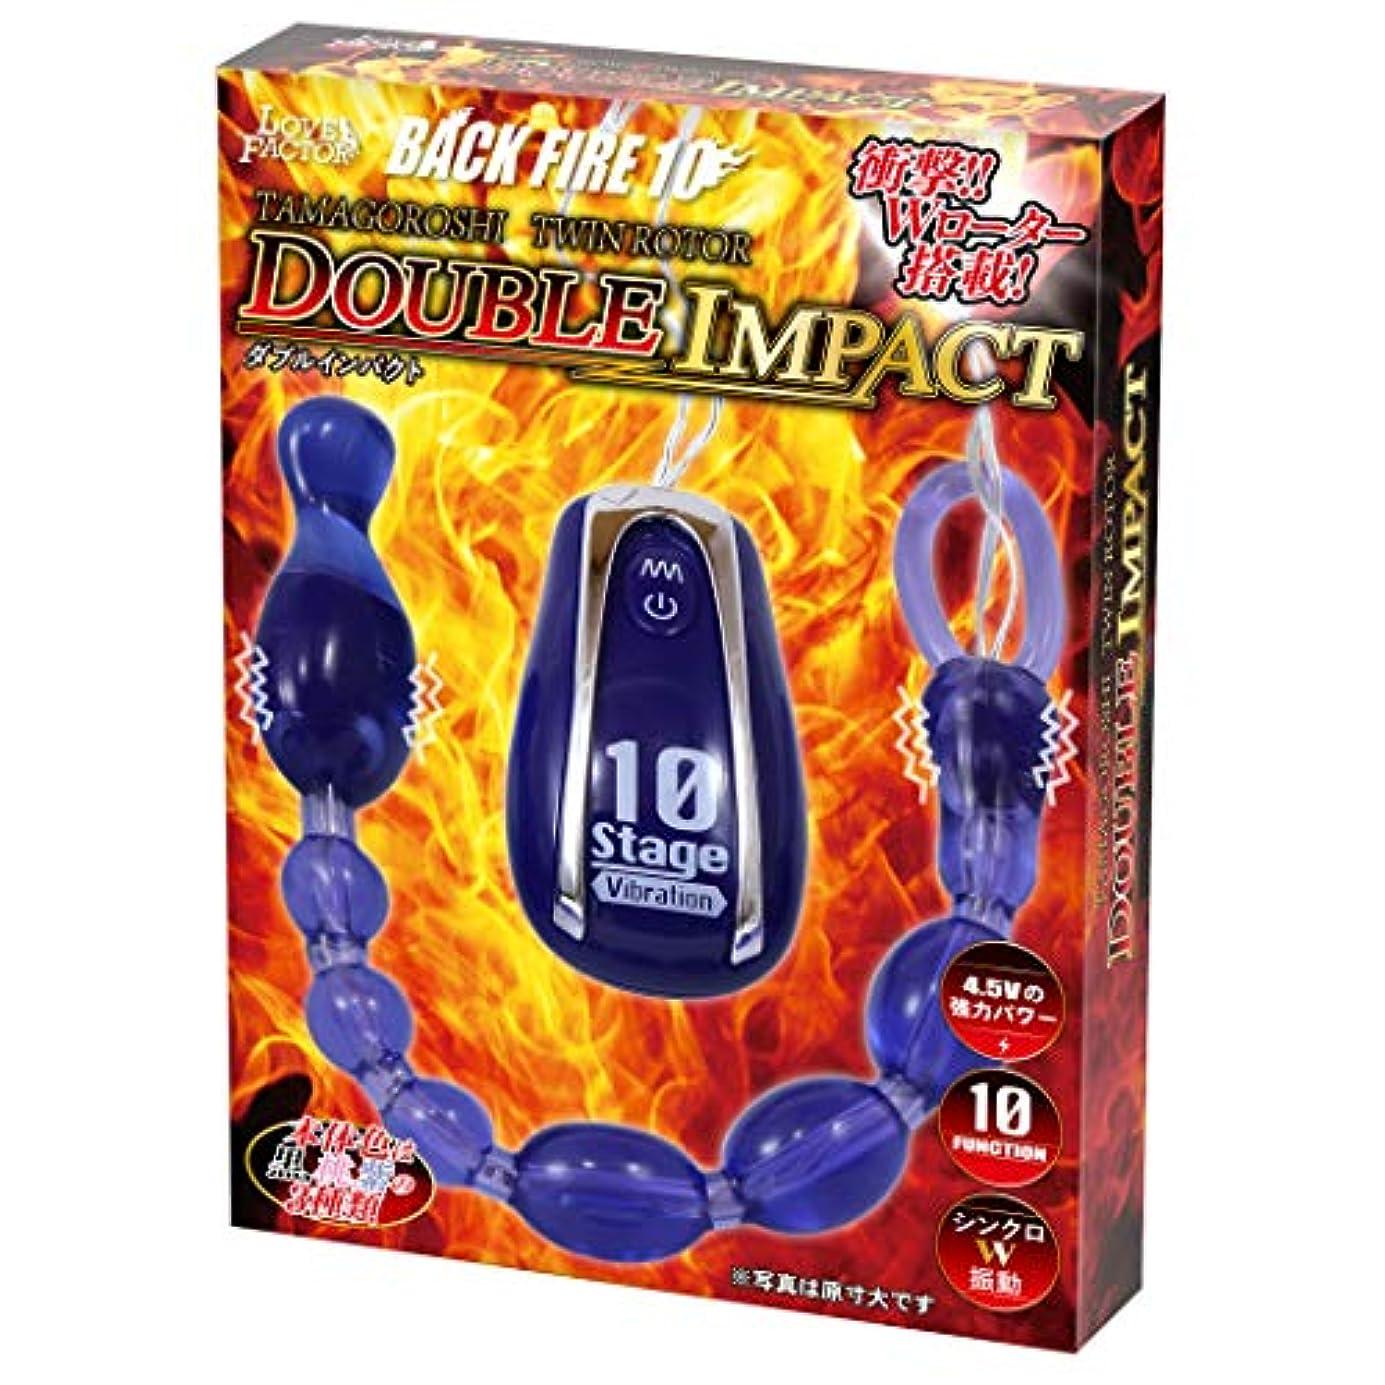 愛撫契約した特派員BACK FIRE TAMAGOROSHIツインローターダブルインパクト紫 アナル拡張 アナル開発 プラグ SM調教 携帯式 野外プレー 男女兼用